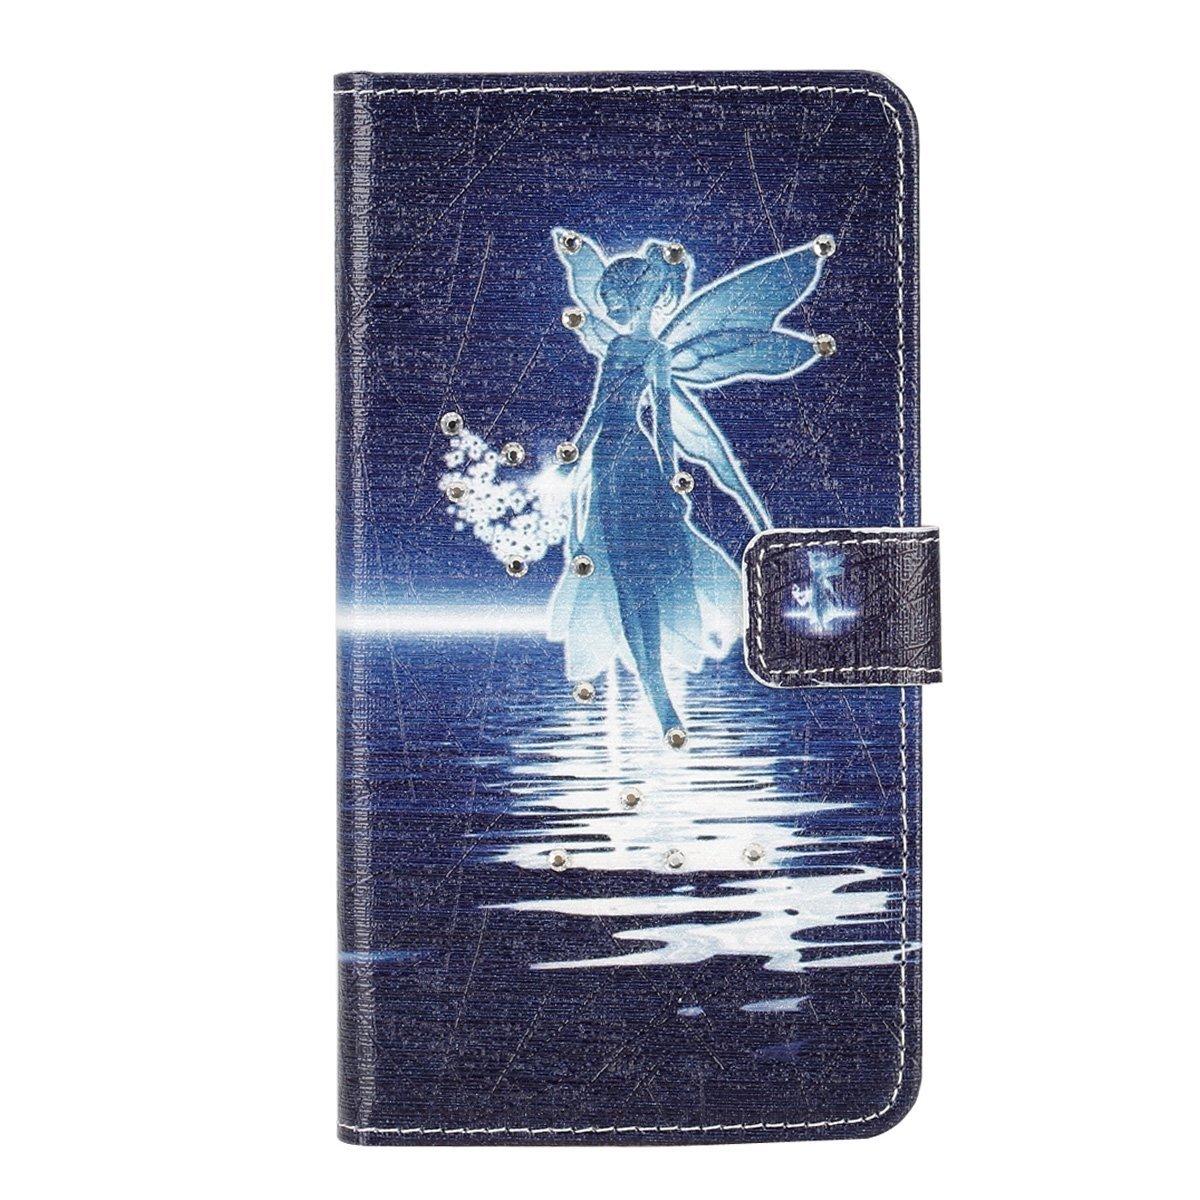 円高還元 IKASEFU Samsung Galaxy Galaxy Note 5、かわいいガールズウォレット型ケースダイヤモンドシリーズ[バタフライドレスガールズ]ラインストーンPUレザー磁気財布フリップケースカバースタンド付きSamsung Galaxy 5 Note B01FVP3T0Q 5 Samsung Galaxy Note 5 WX7491X2 天使 B01FVP3T0Q, e-mono plus:82eb2e0f --- arianechie.dominiotemporario.com